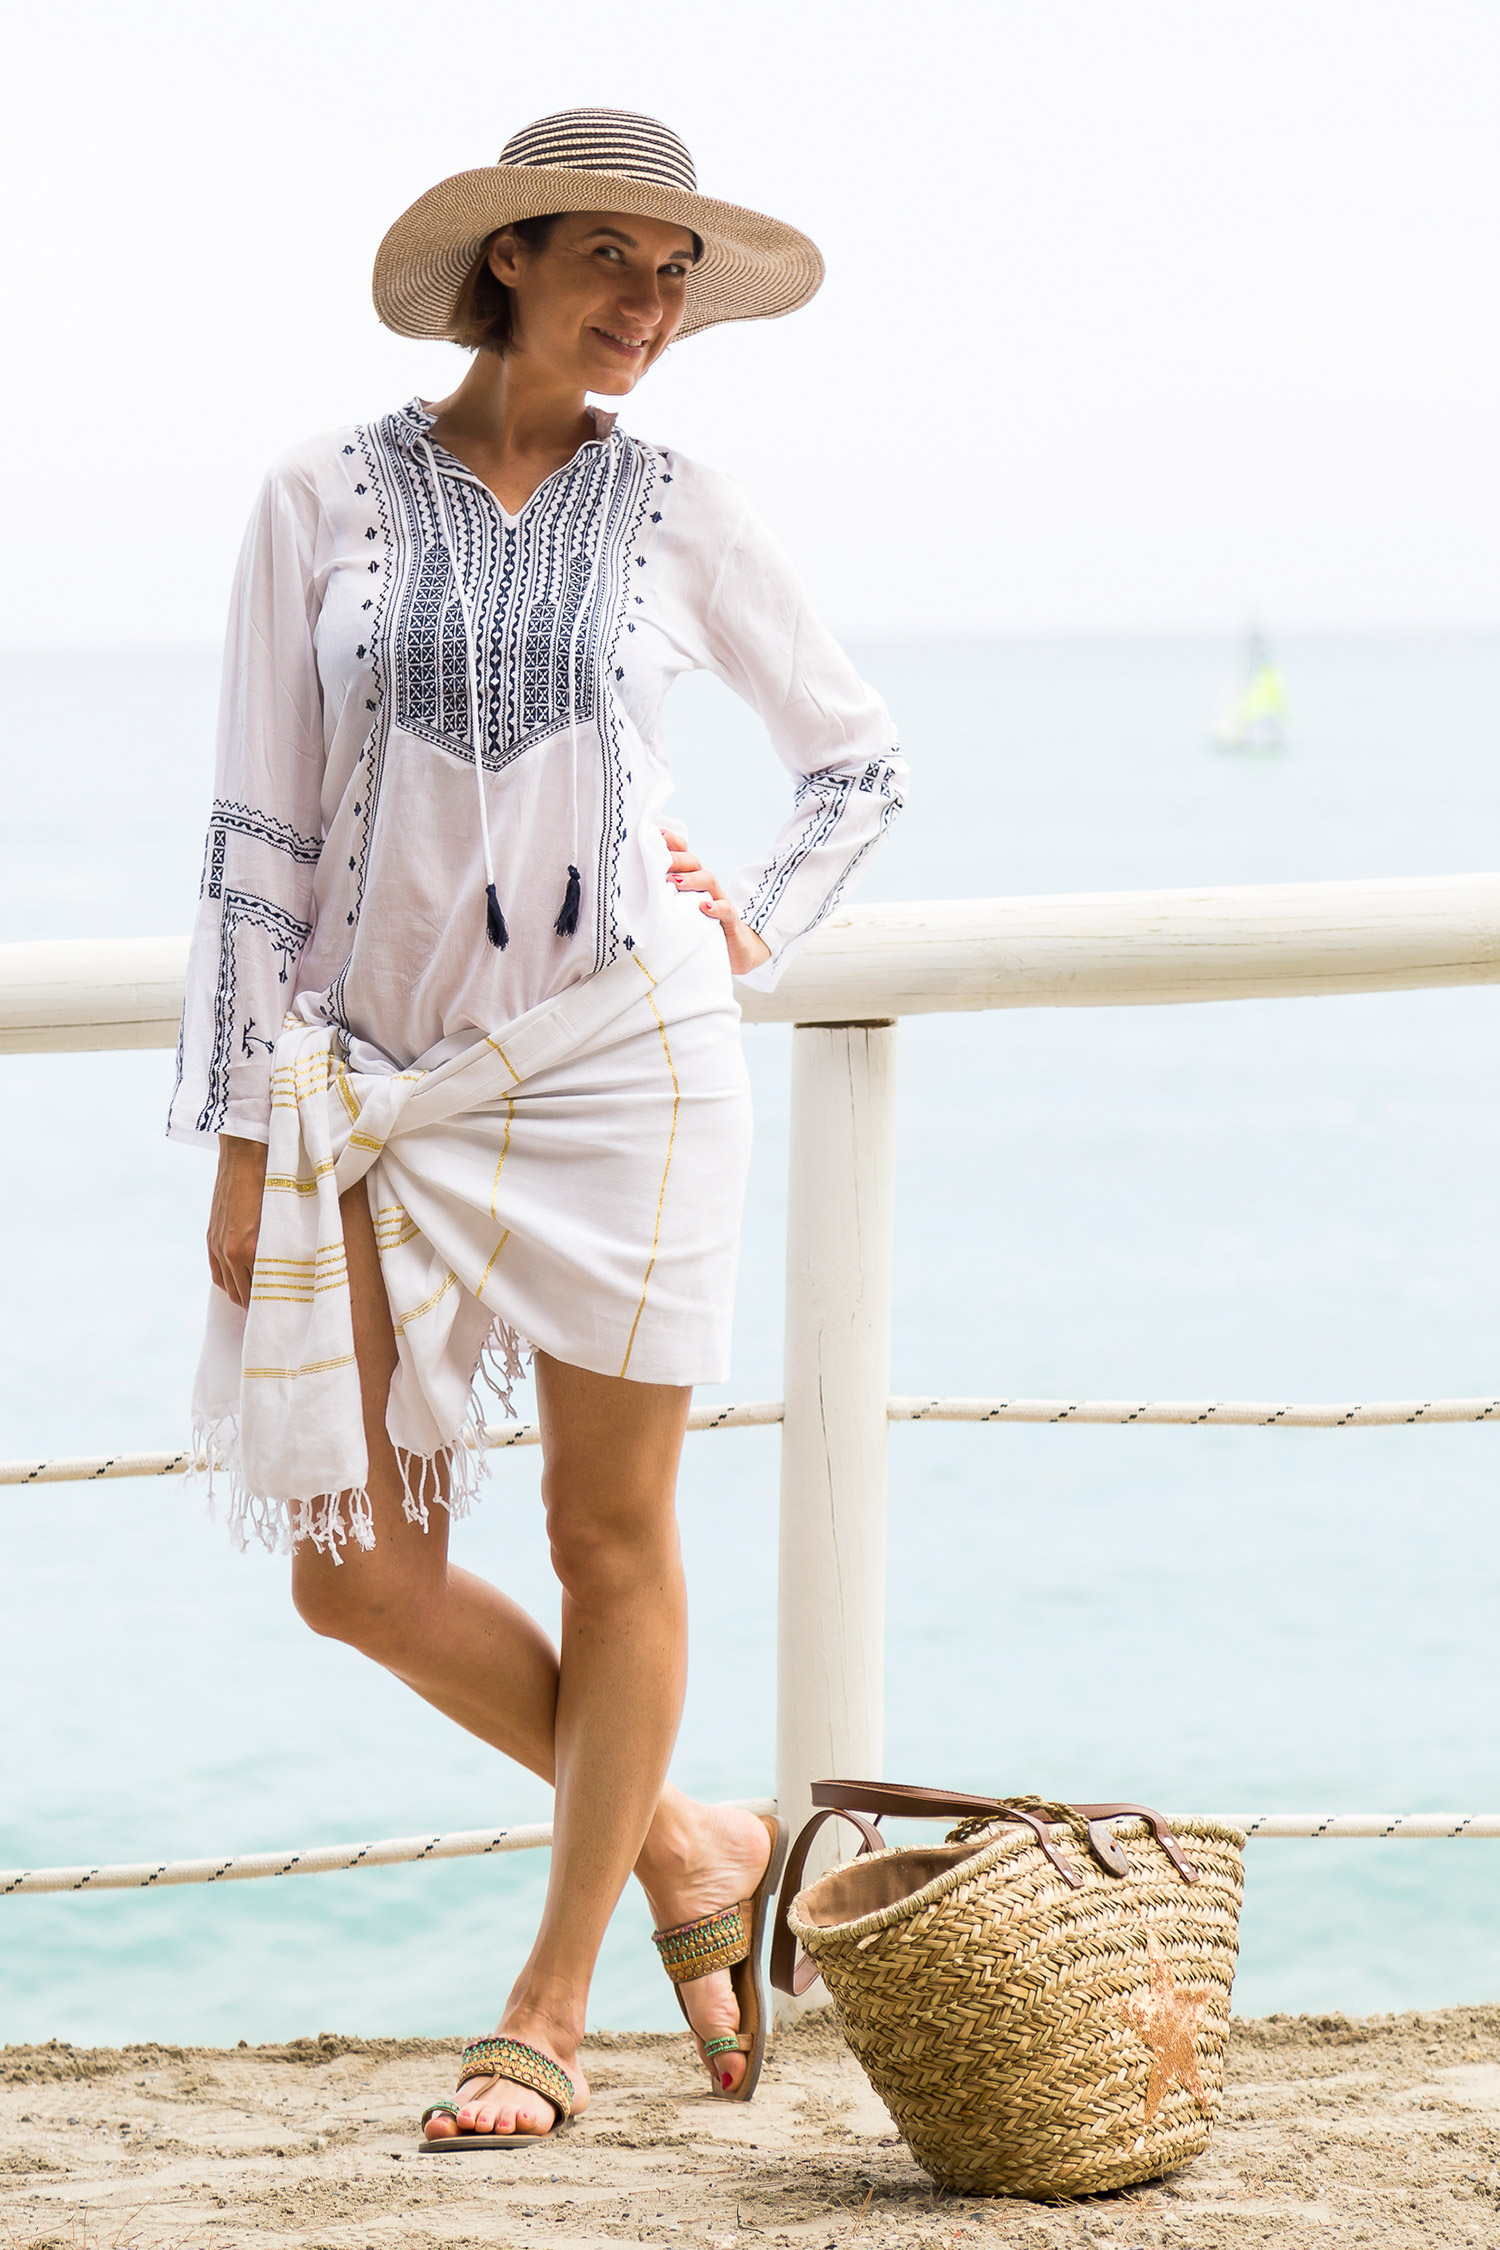 Look d'estate, Consigli, Estate, Fashion, Moda, Spiagge